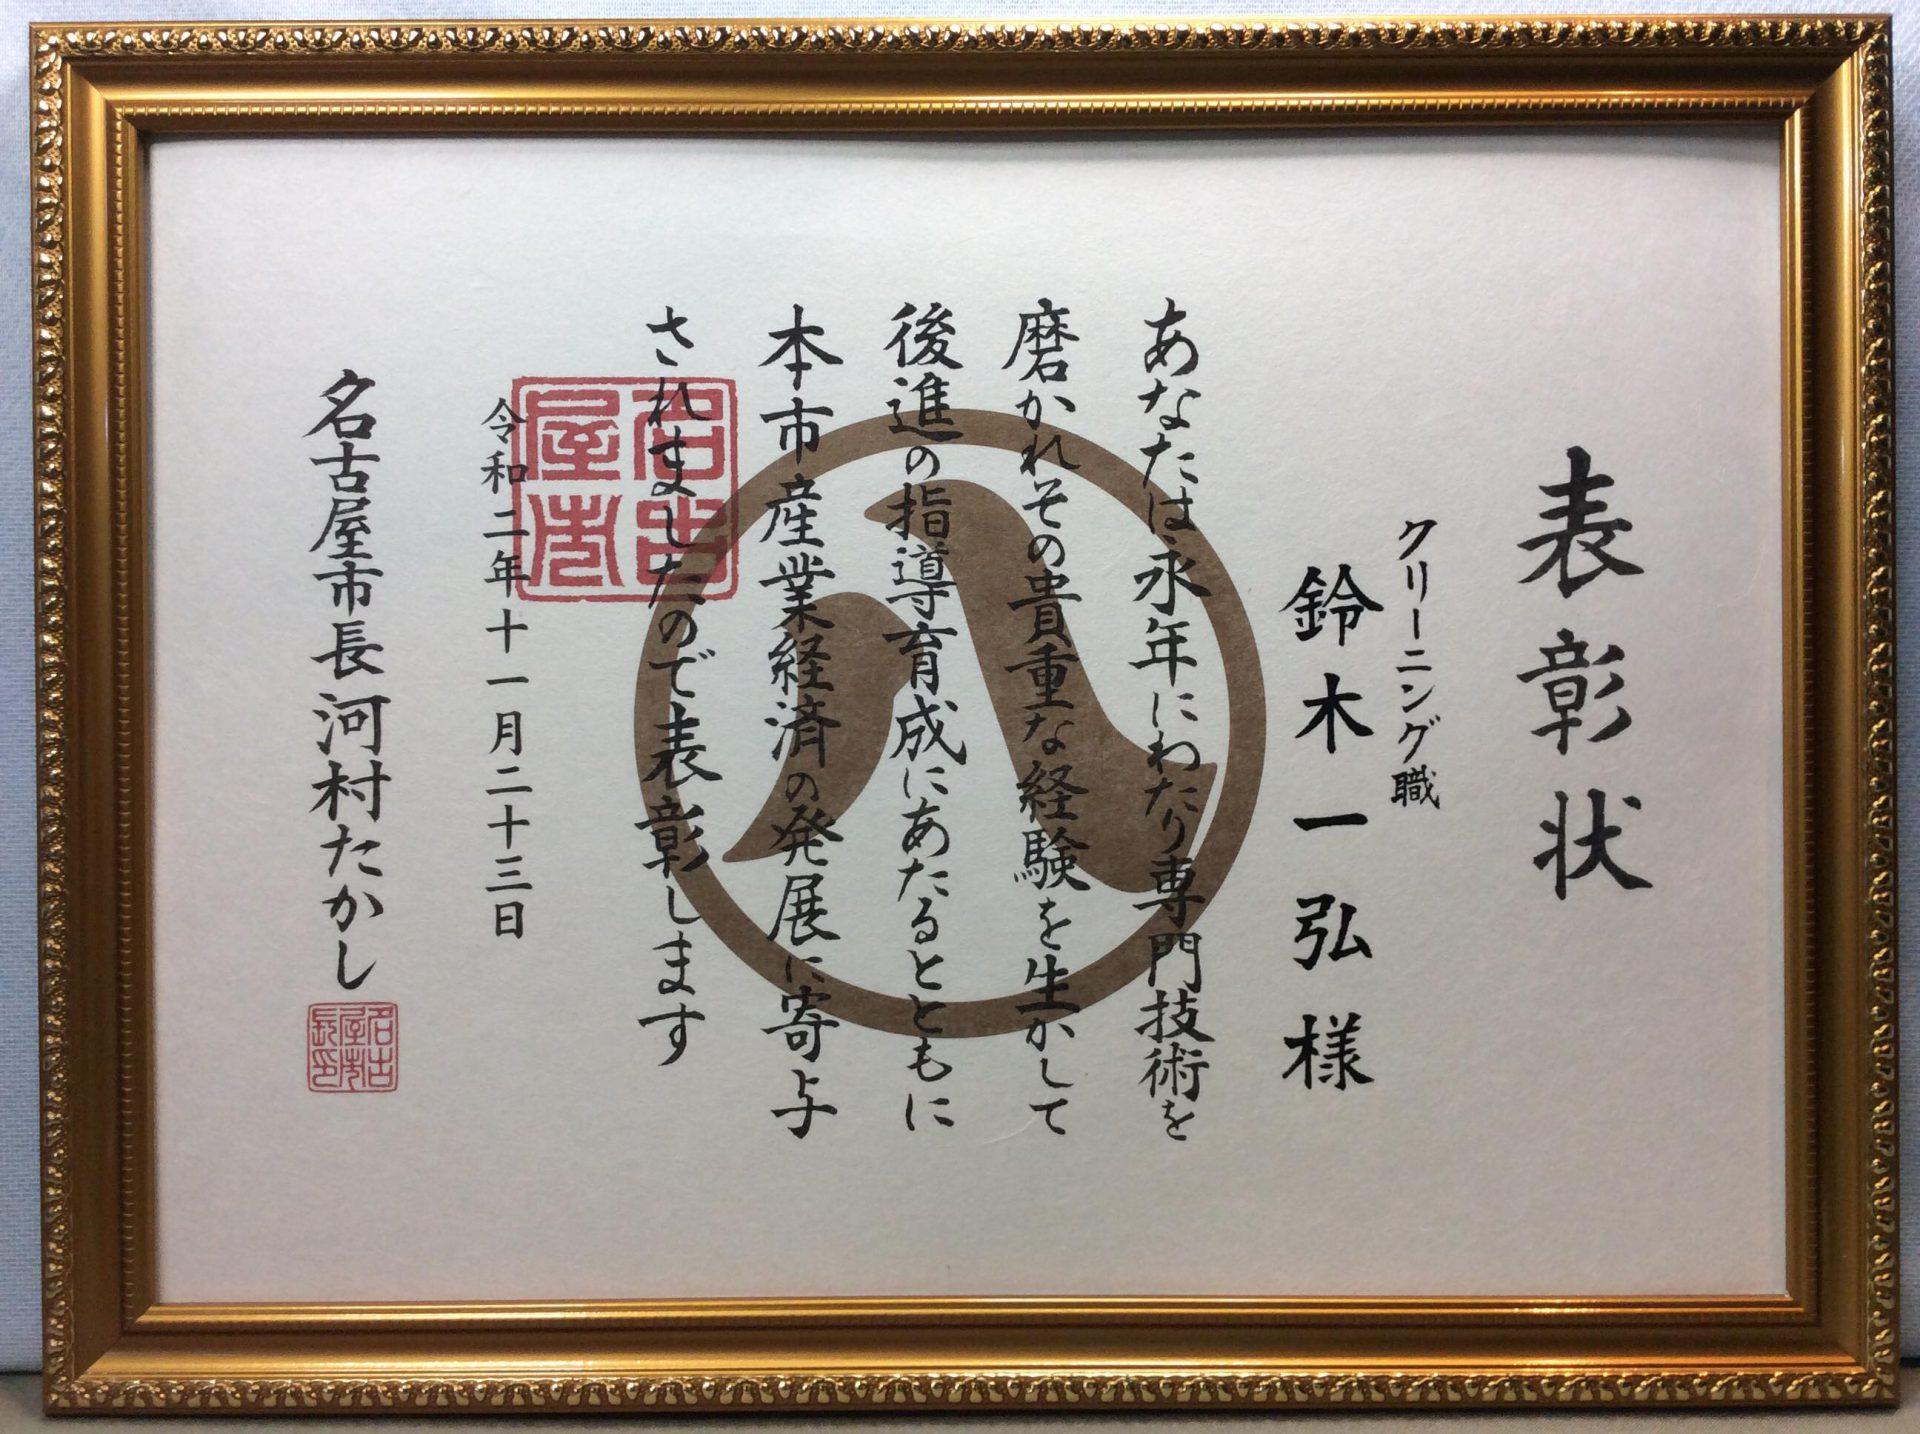 名古屋市技能功労者表彰 三洋社クリーニング